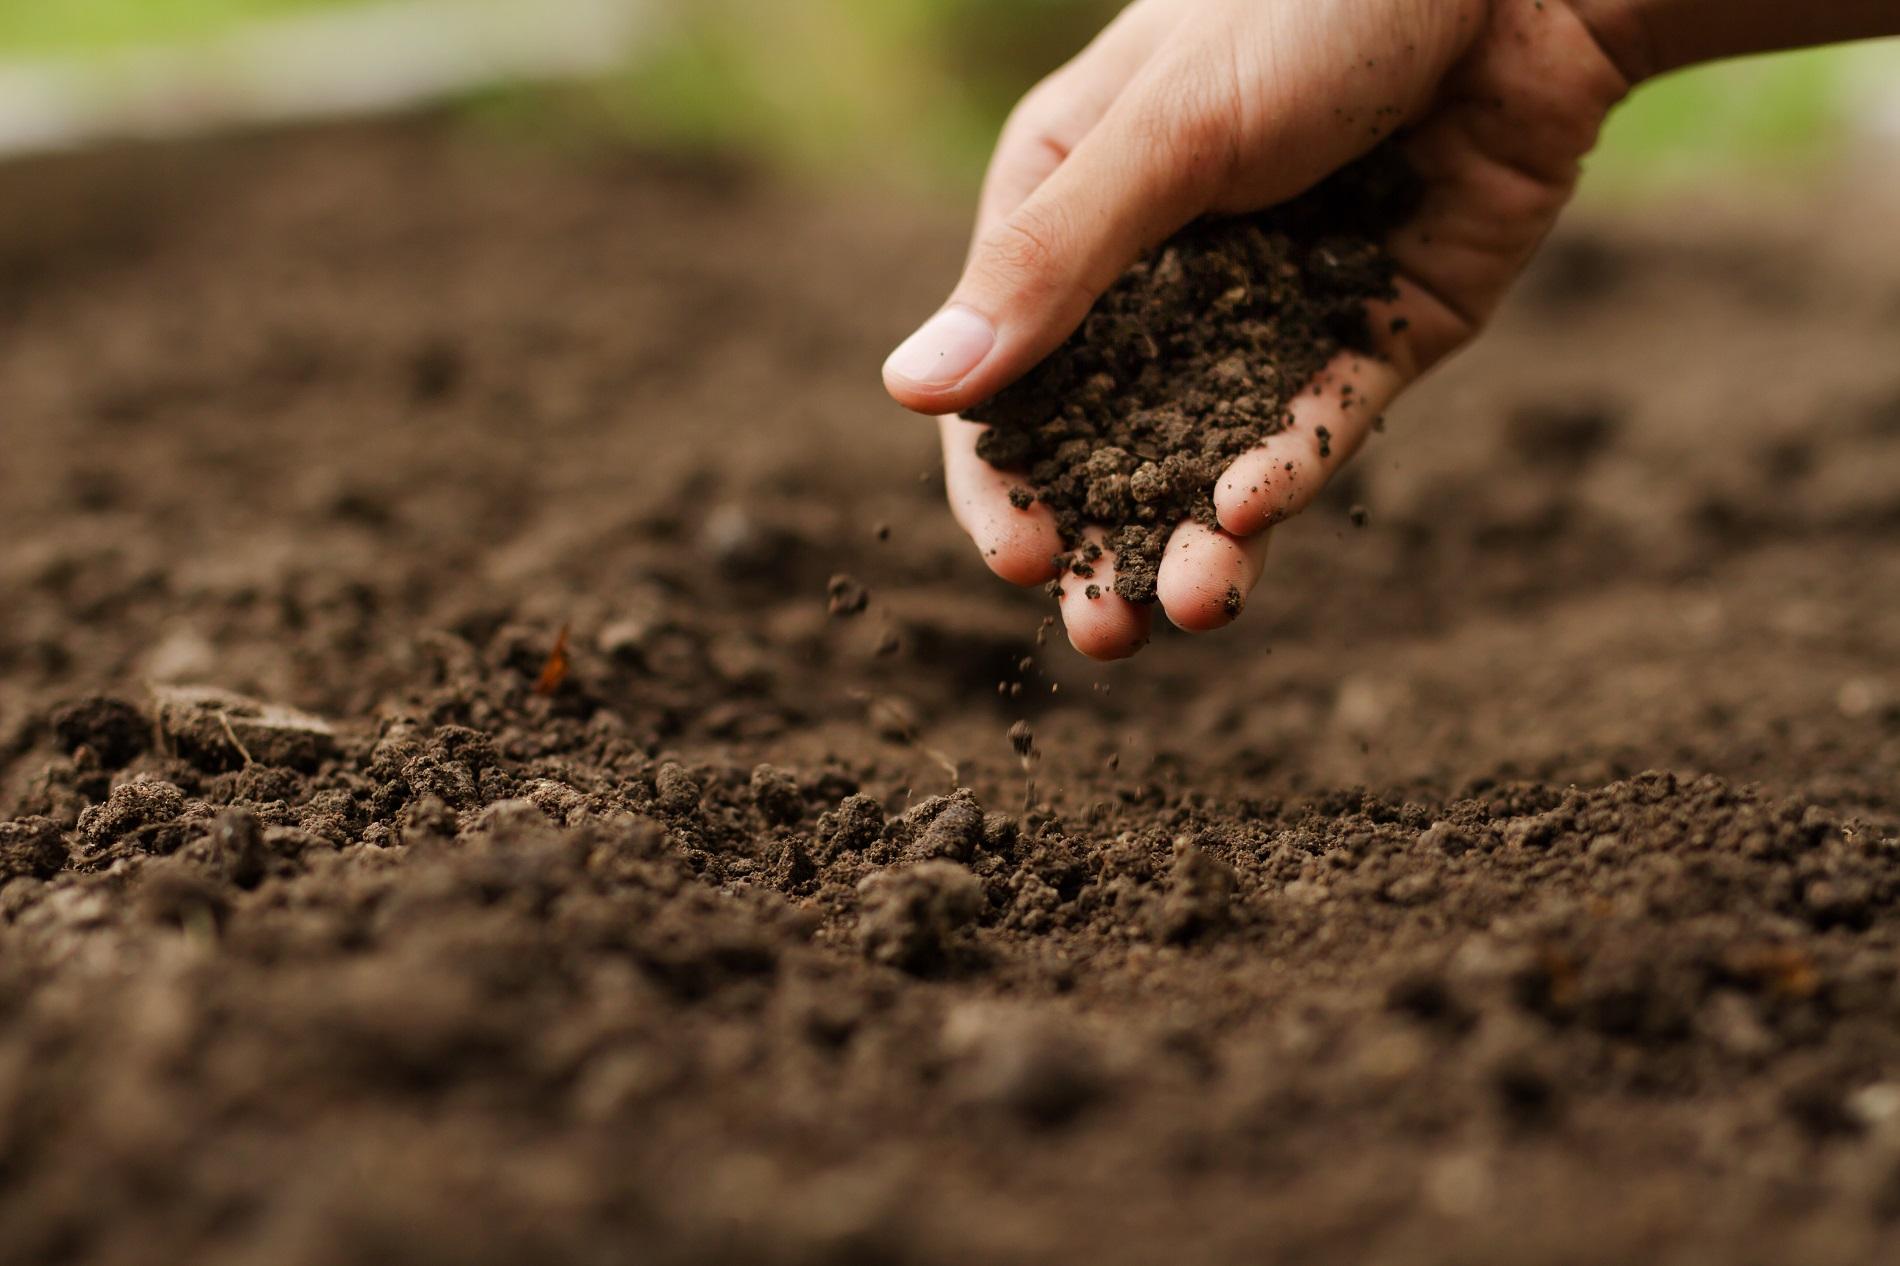 ¿Qué beneficios puede aportar la siembra directa de tus cultivos?